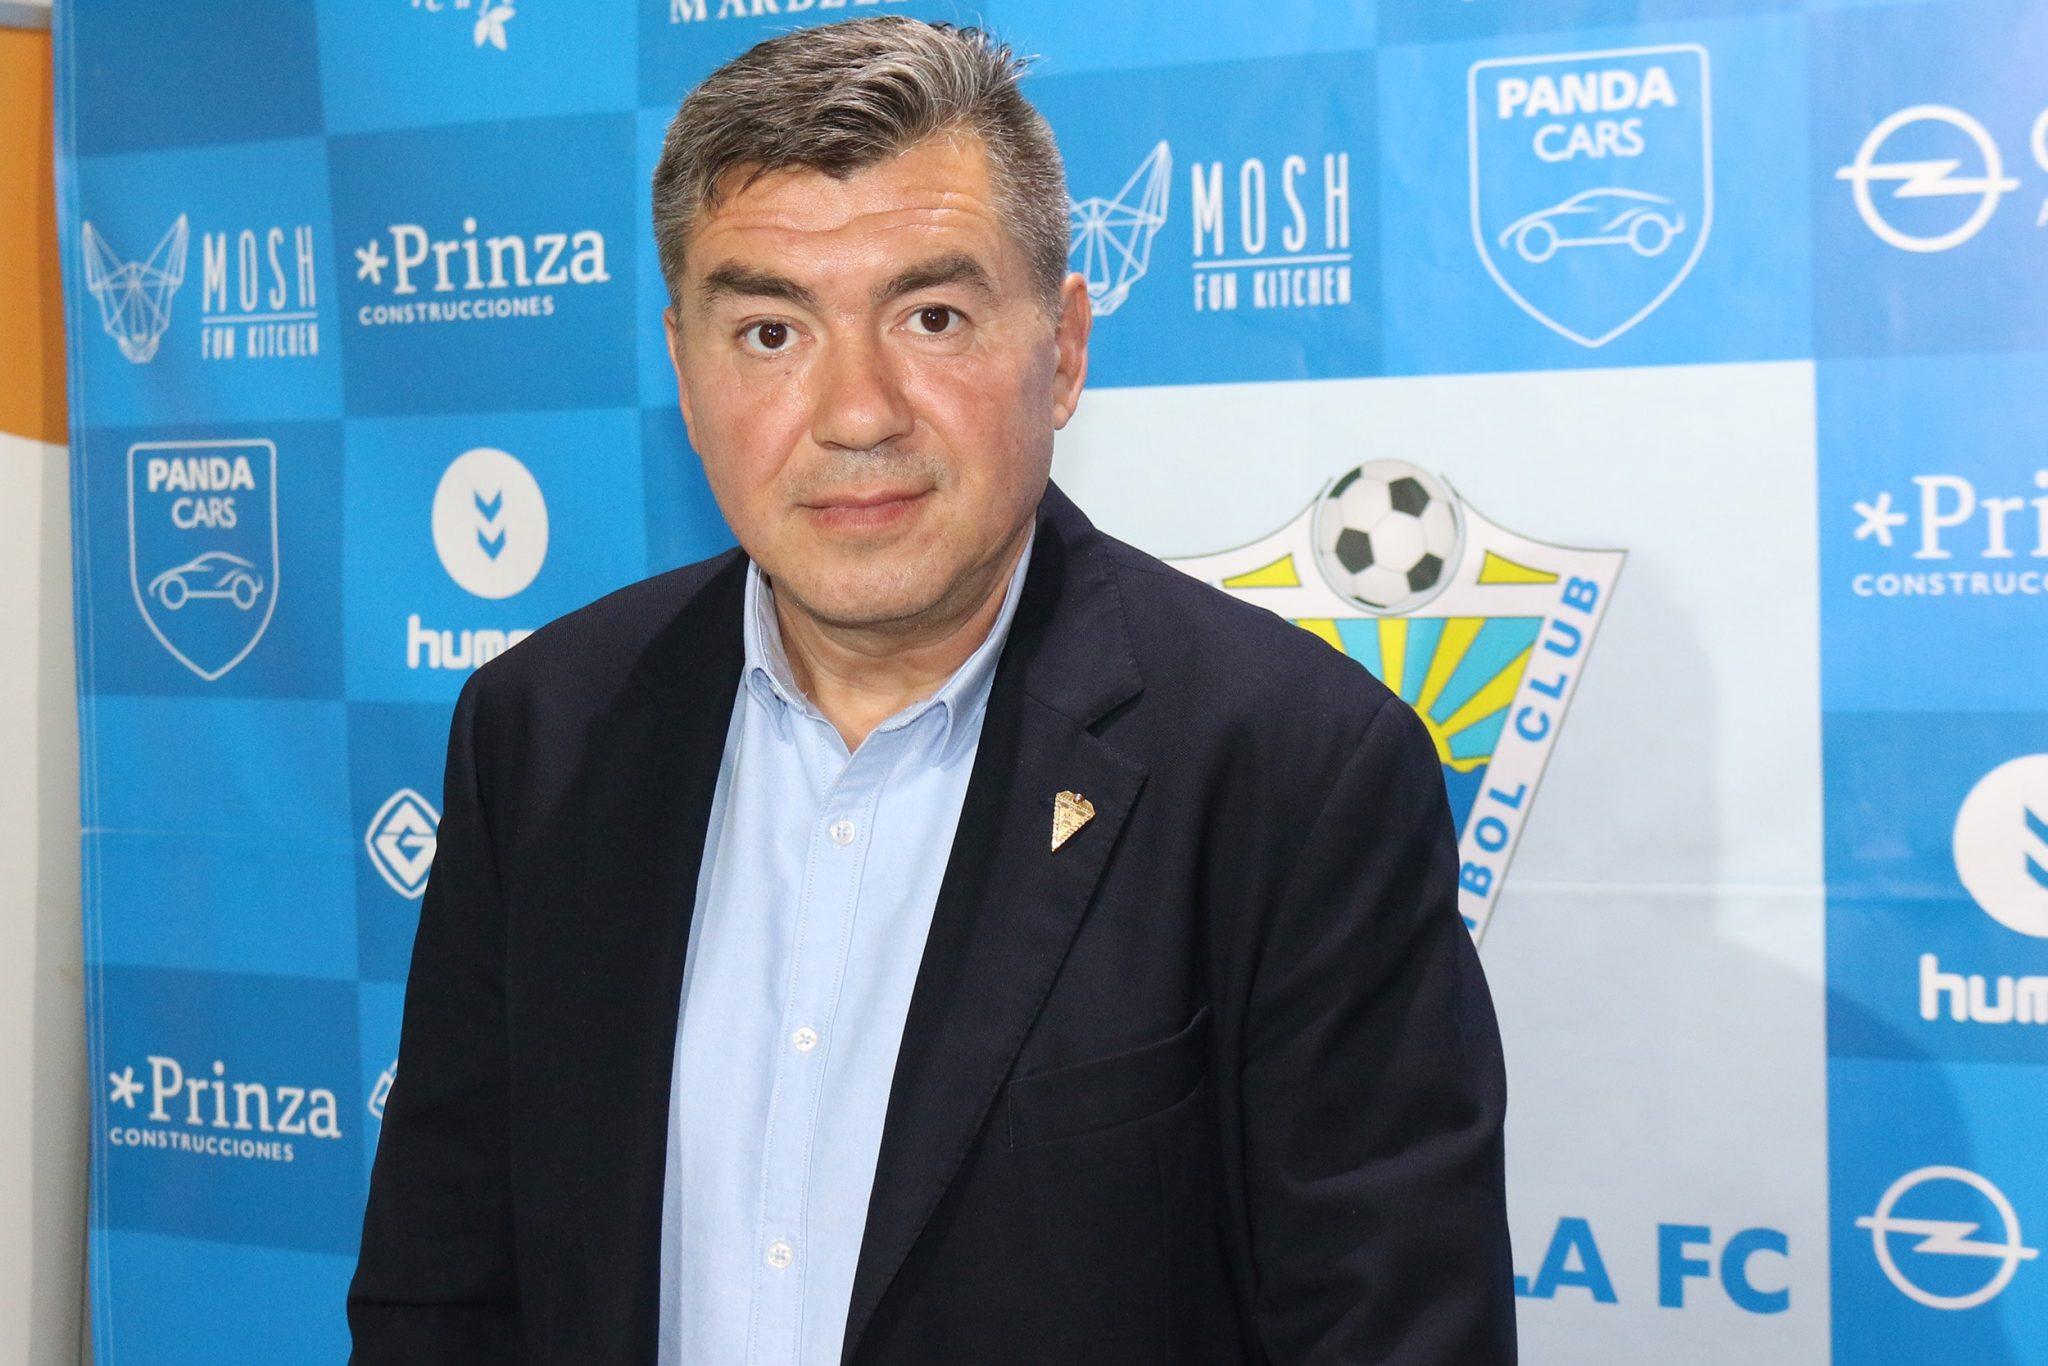 Alexander Grinberg agradece a los aficionados y ciudadanos de Marbella el apoyo recibido durante este tiempo